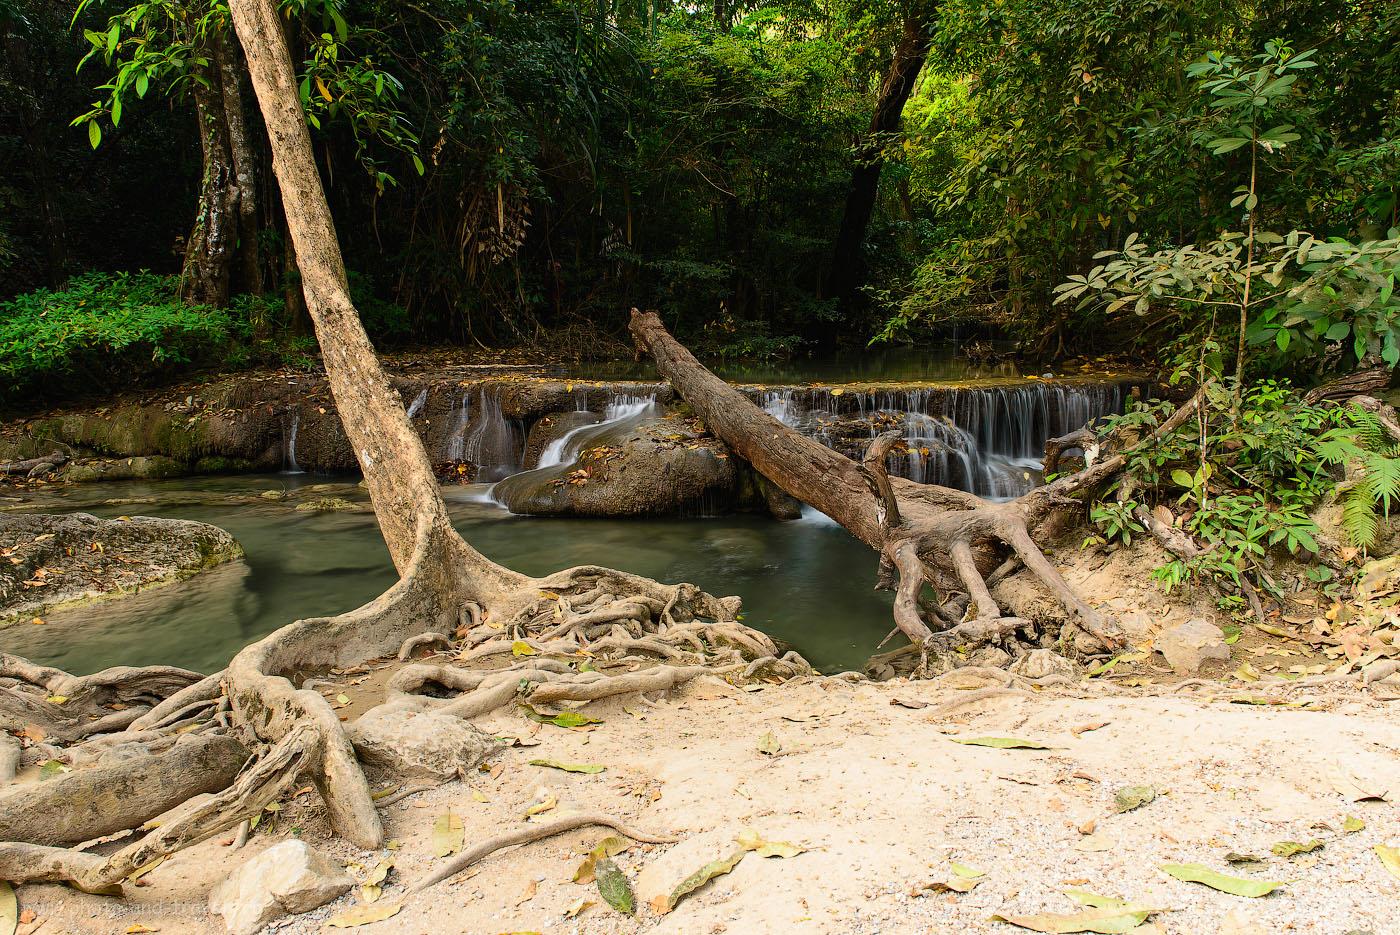 Фотография 7. Отдых в Таиланде. Поездка на экскурсию в национальный парк Эраван. В темном тайском лесу (50, 24, 10.0, выдержка 1,3 секунды)